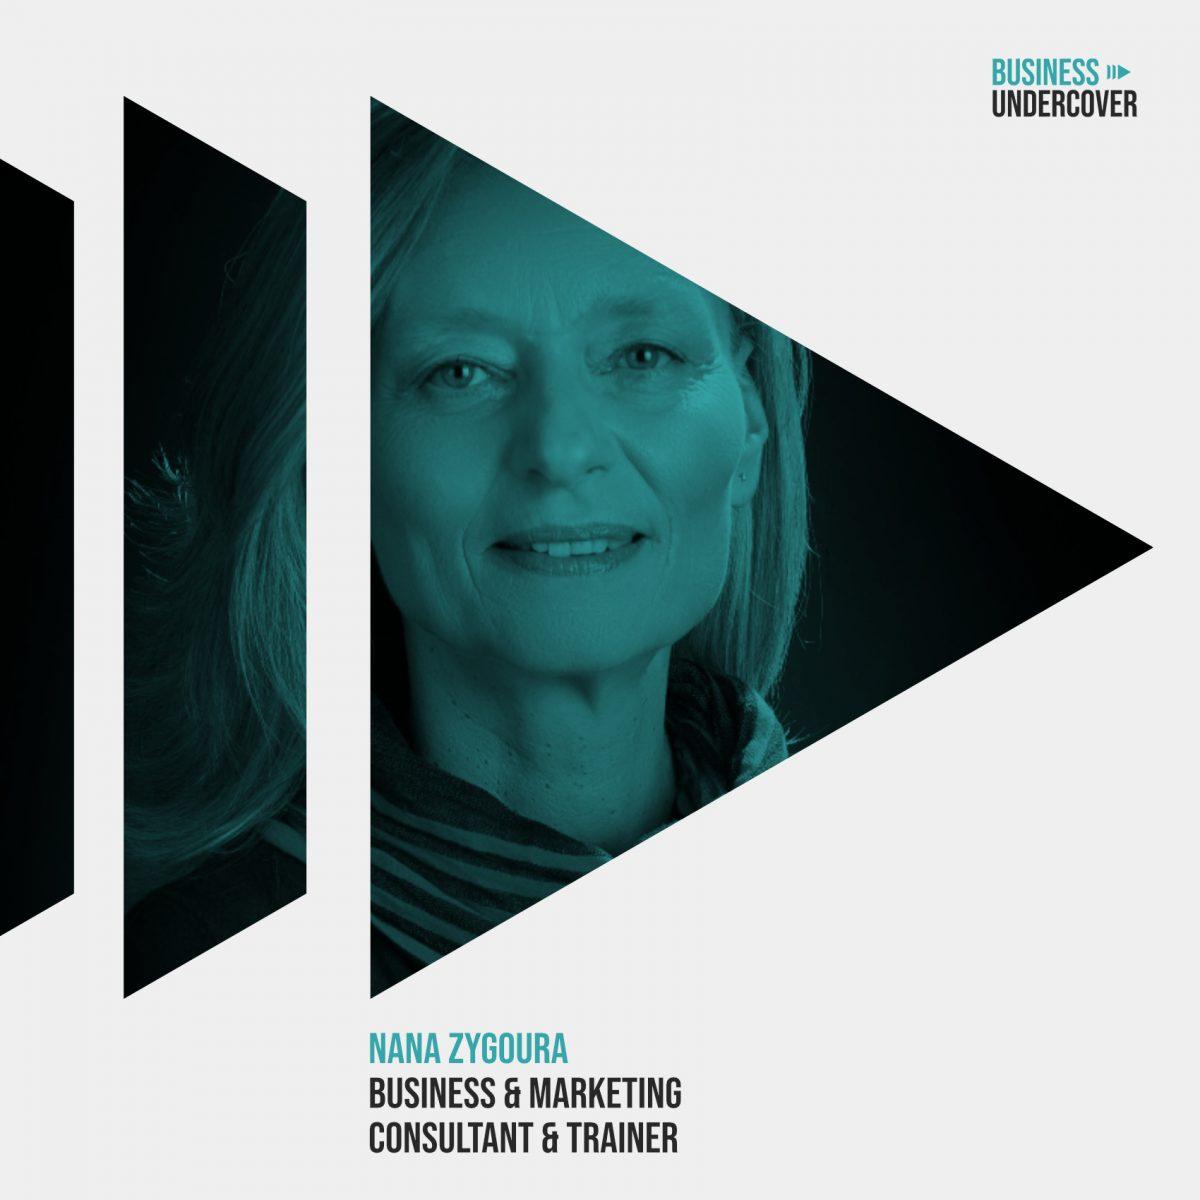 Αποστολή & Όραμα: Γιατί υπάρχουν οι επιχειρήσεις; — Νανά Ζυγούρα